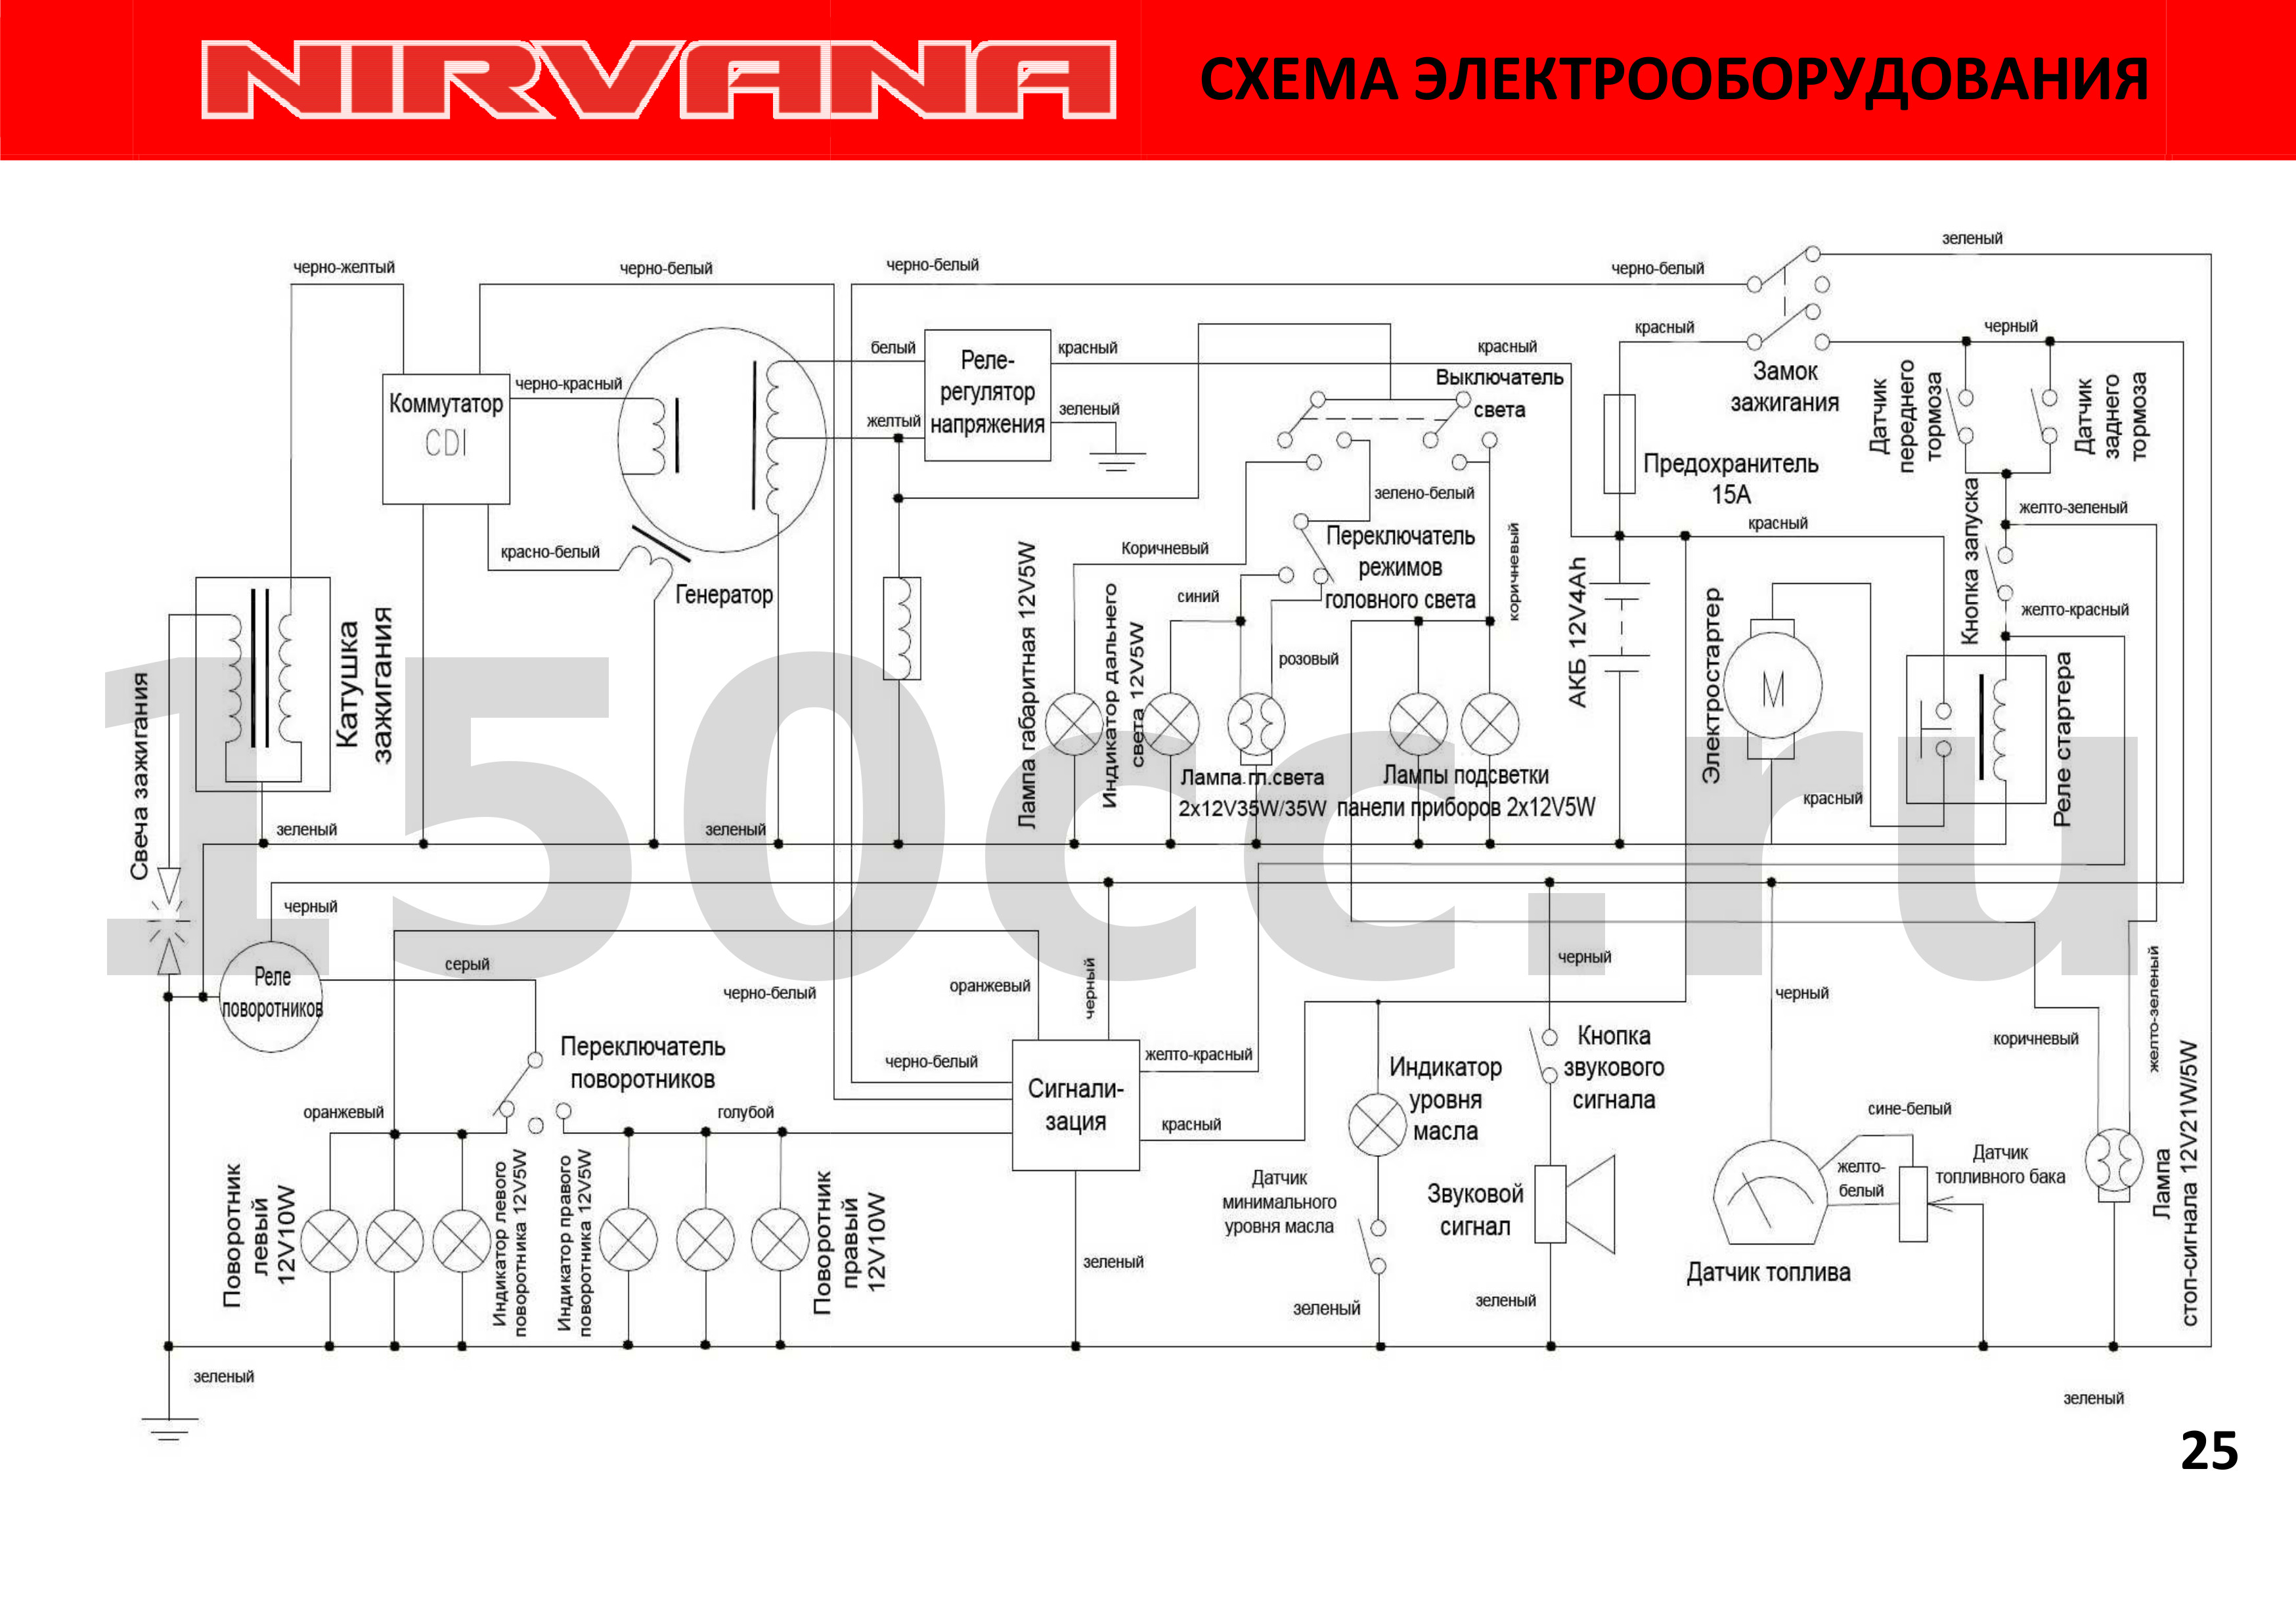 Схема электрооборудования скутеров Irbis Nirvana